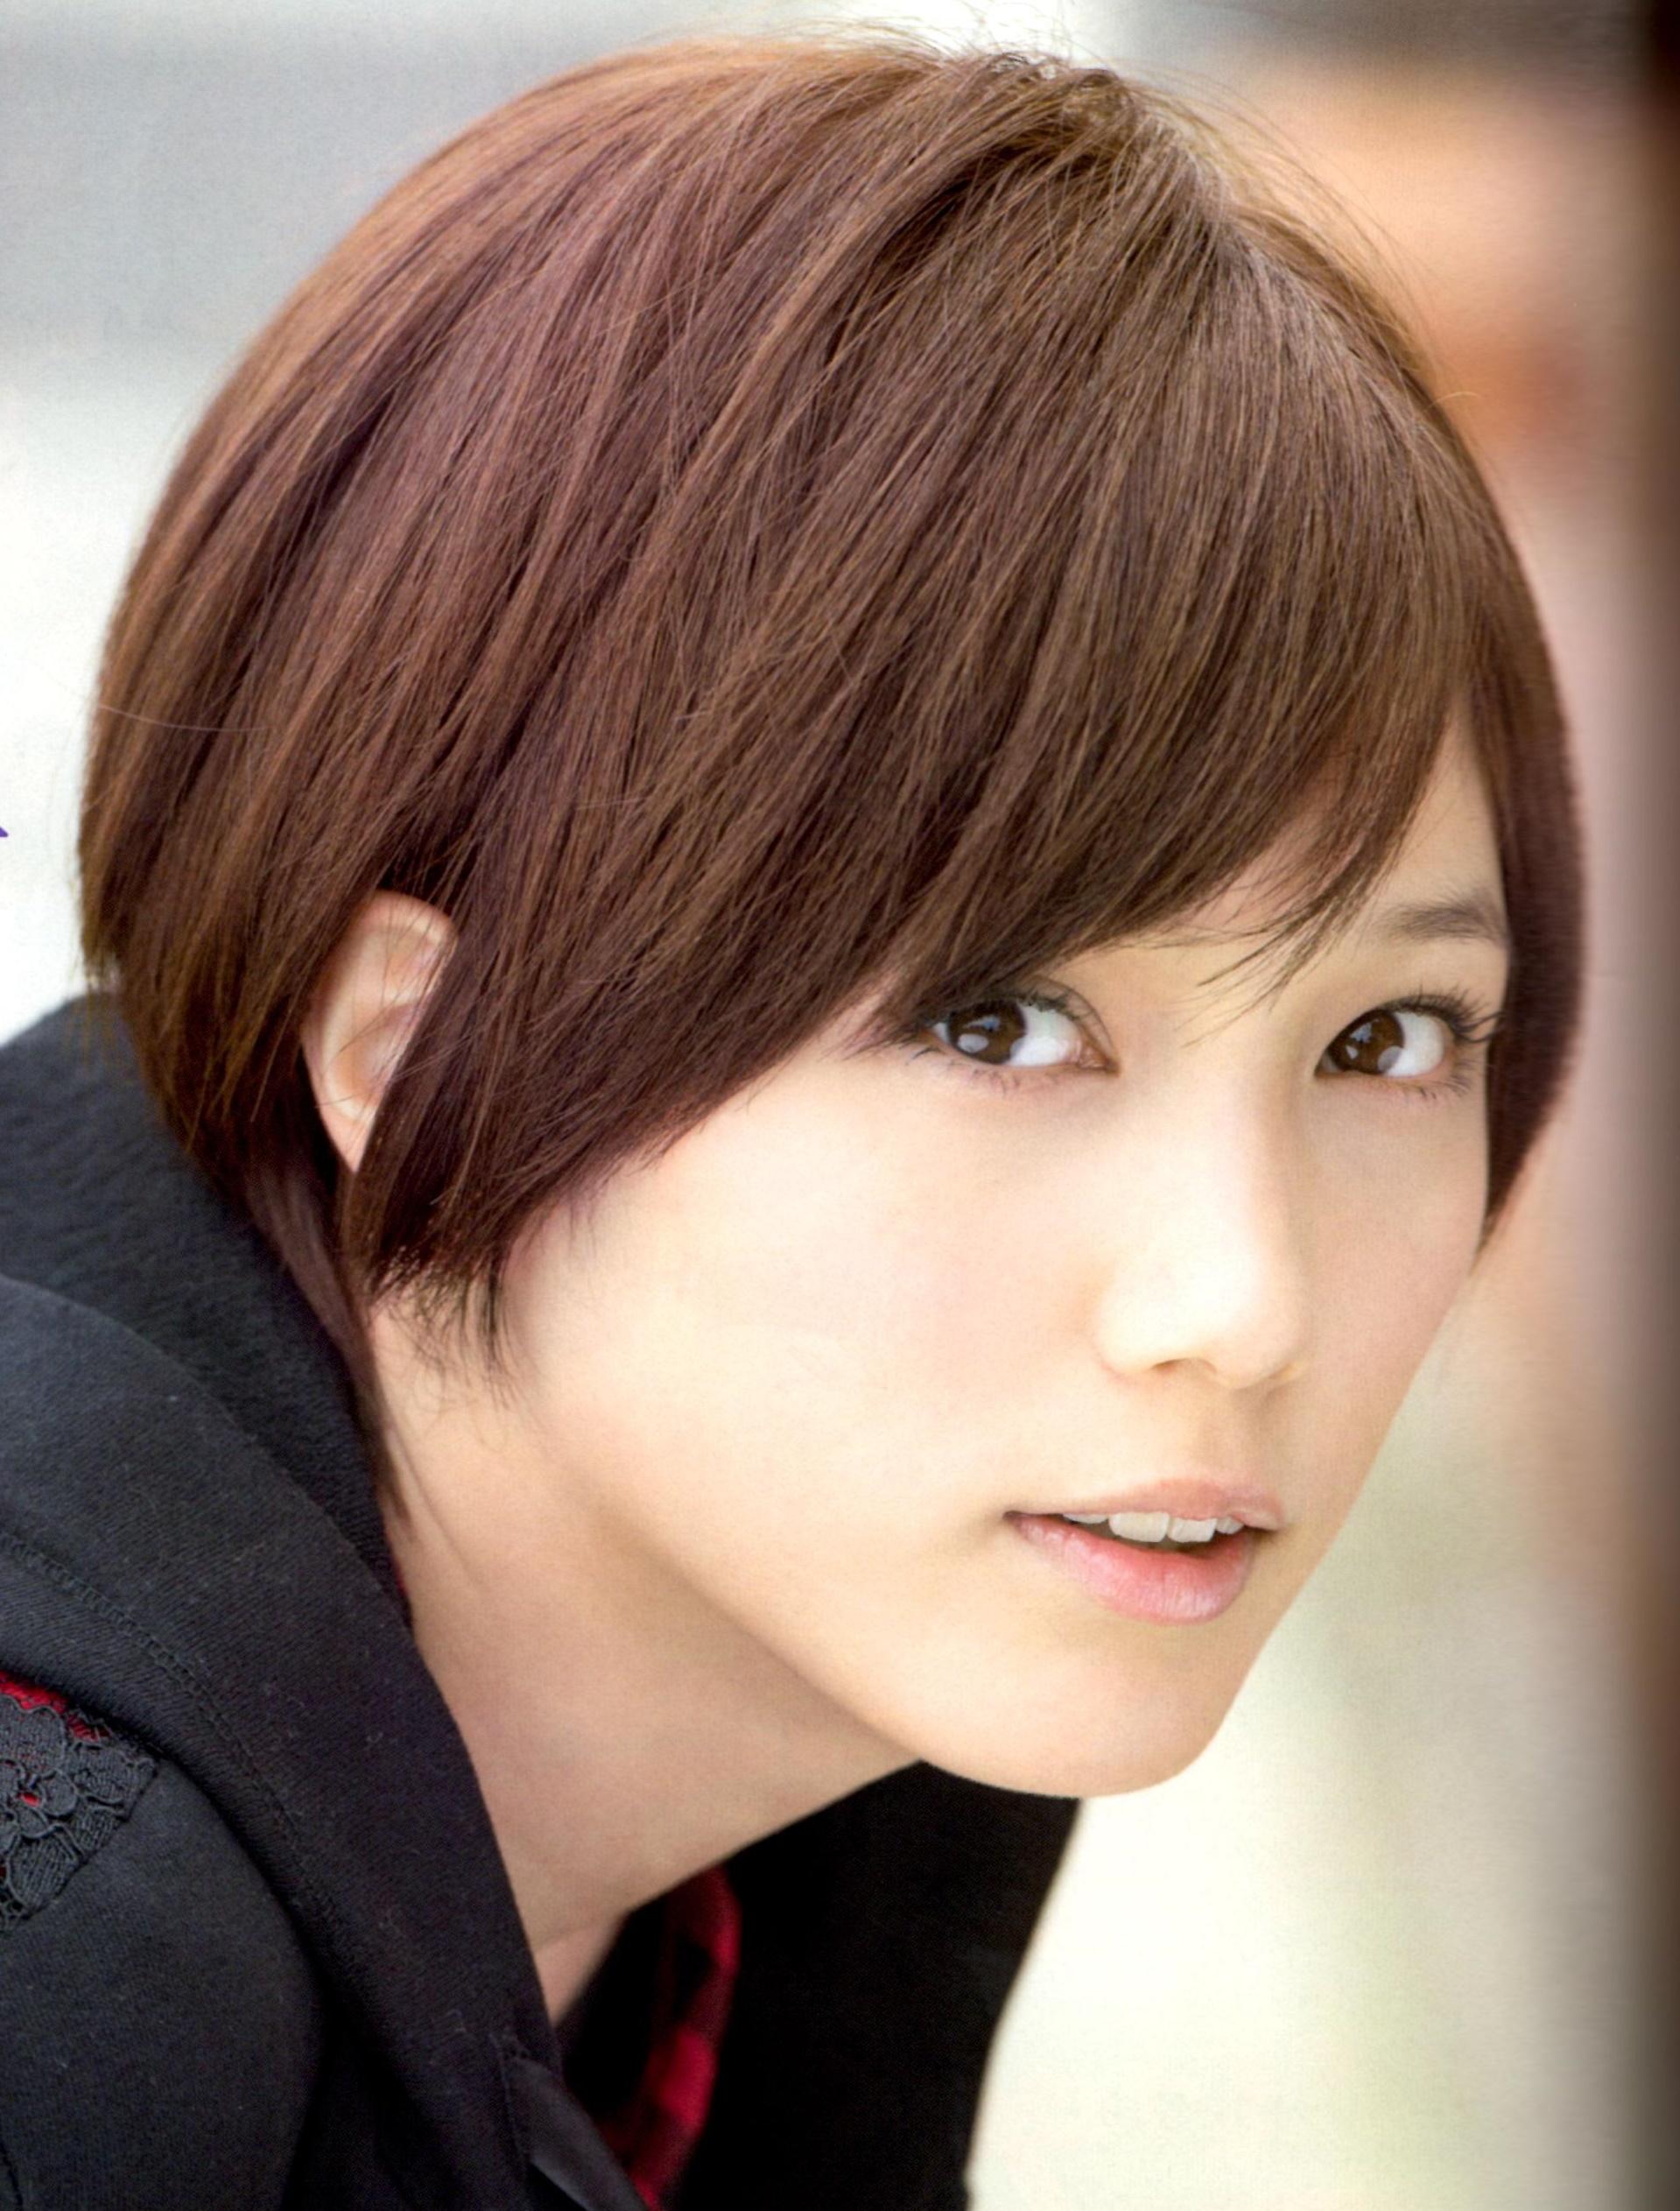 透明感のあるかわいい本田翼ちゃんのキスシーンはまじでかわいいです!のサムネイル画像